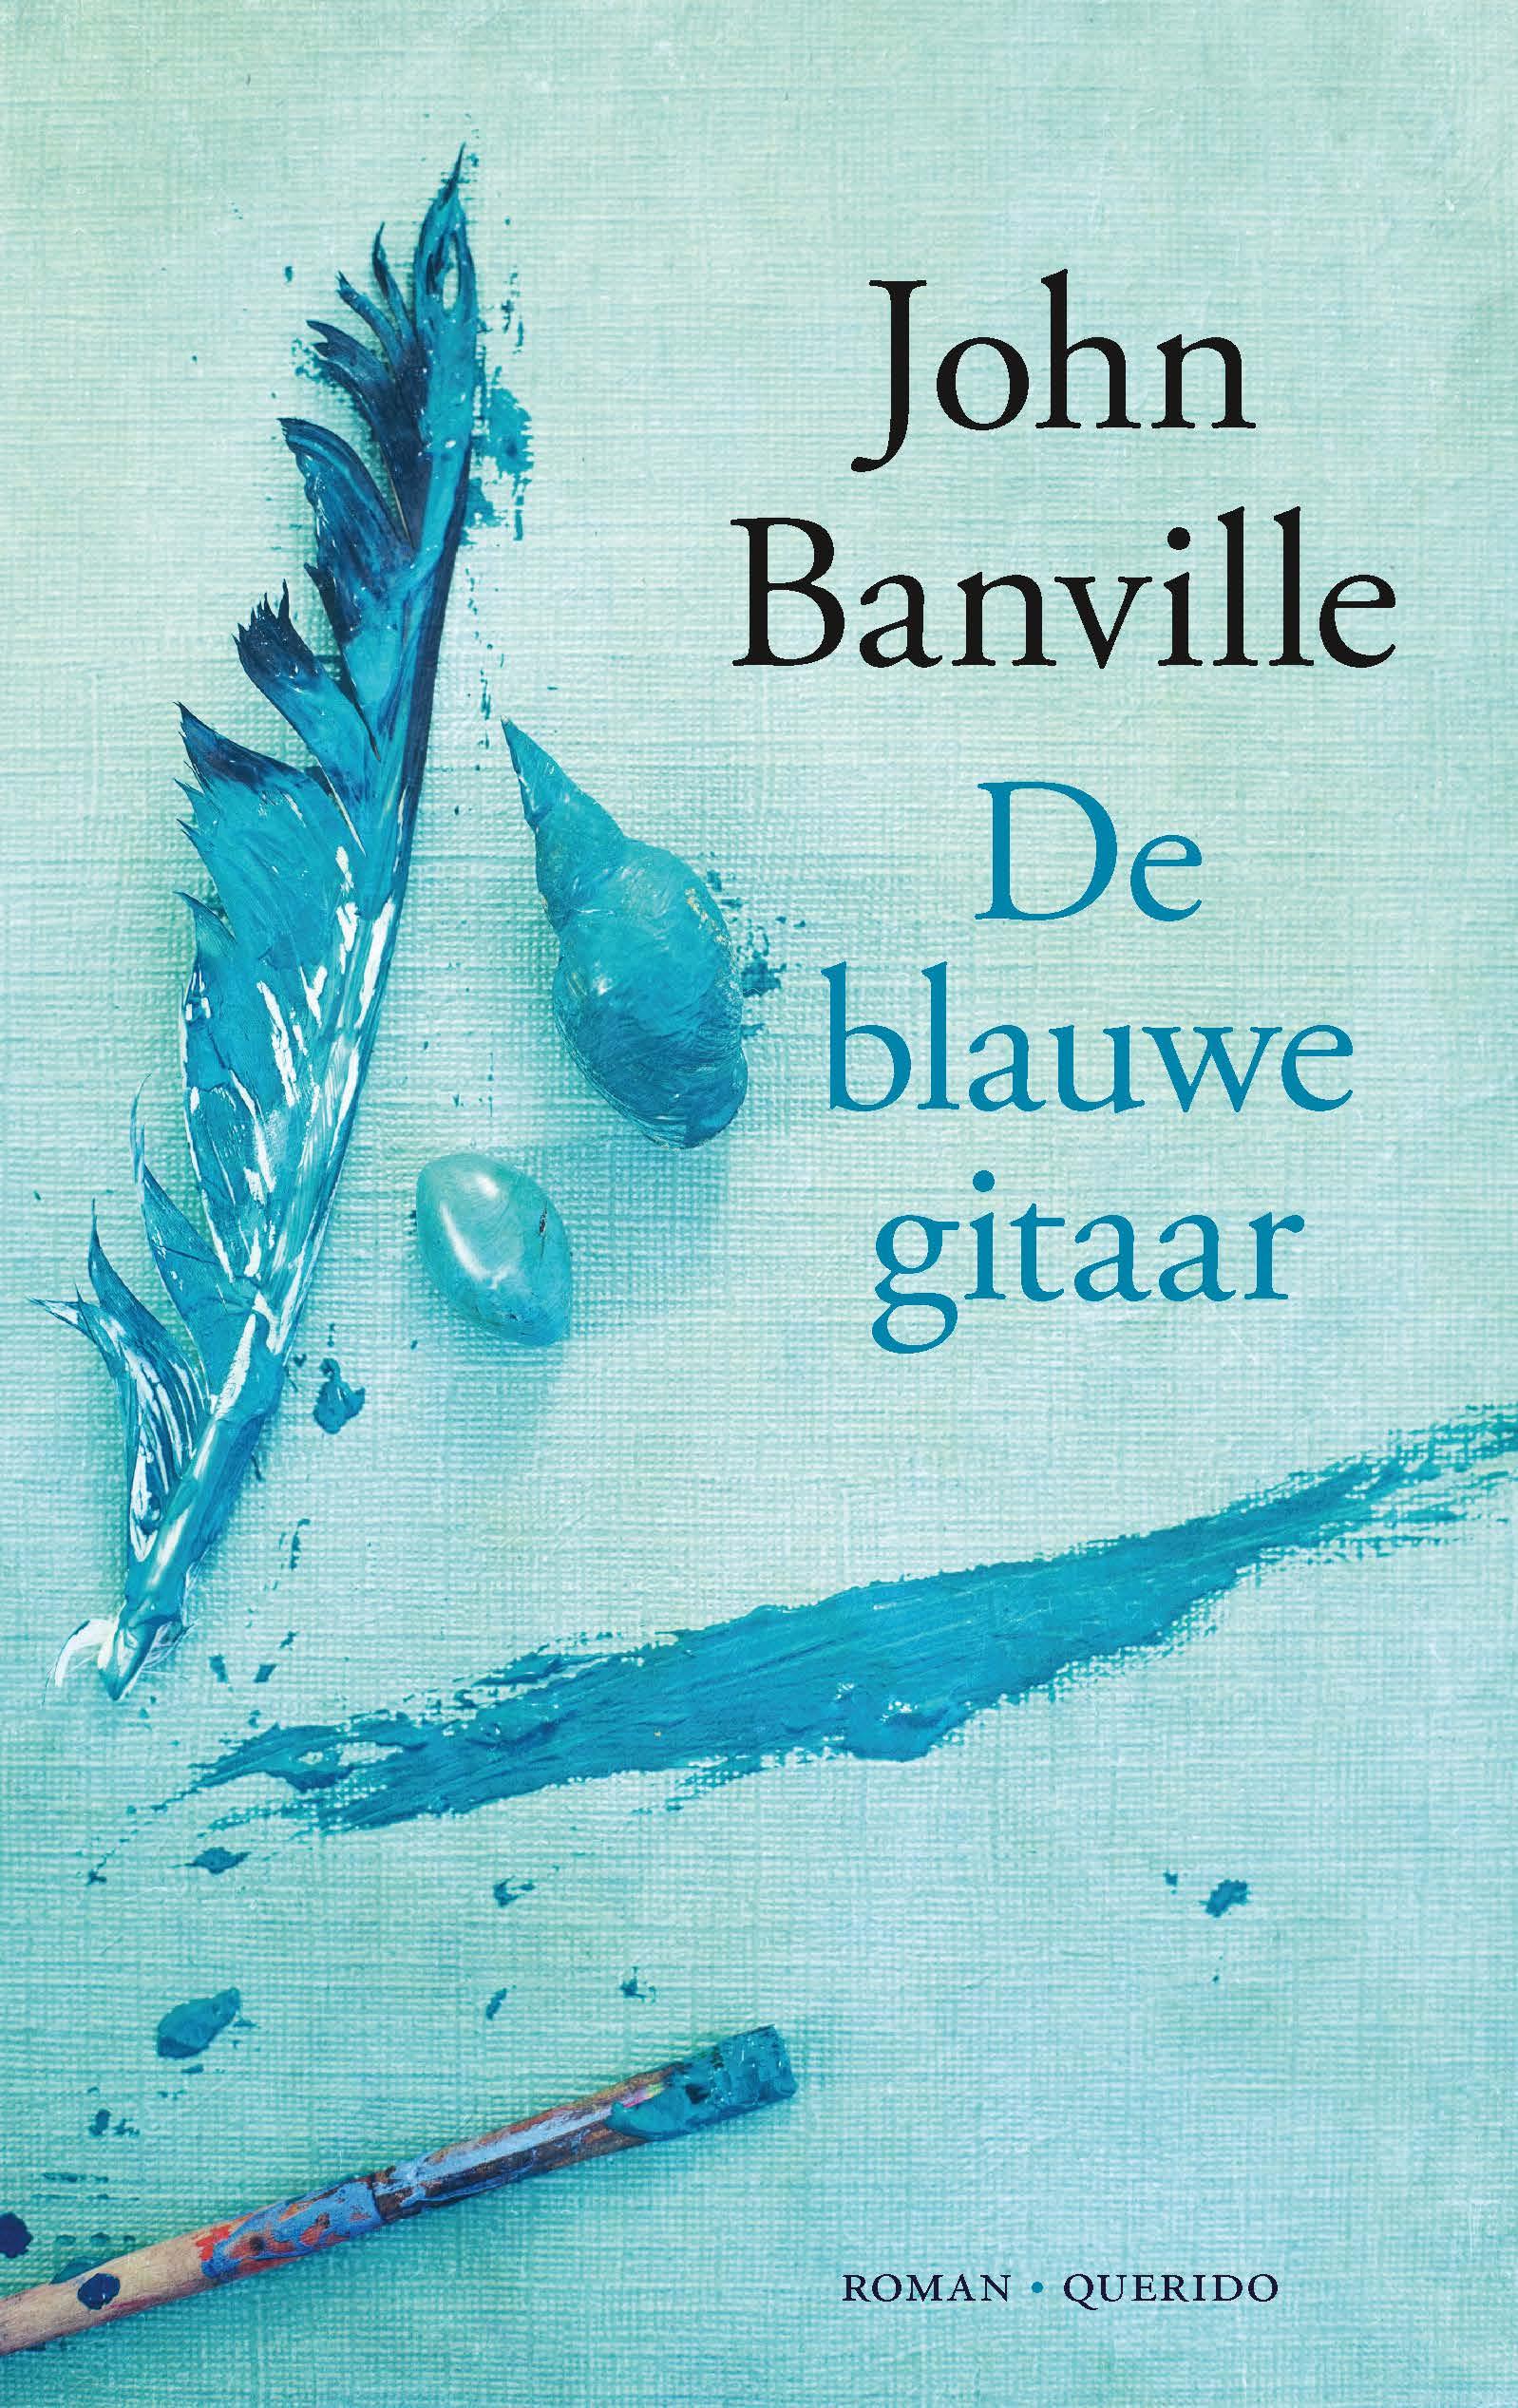 De blauwe gitaar – John Banville